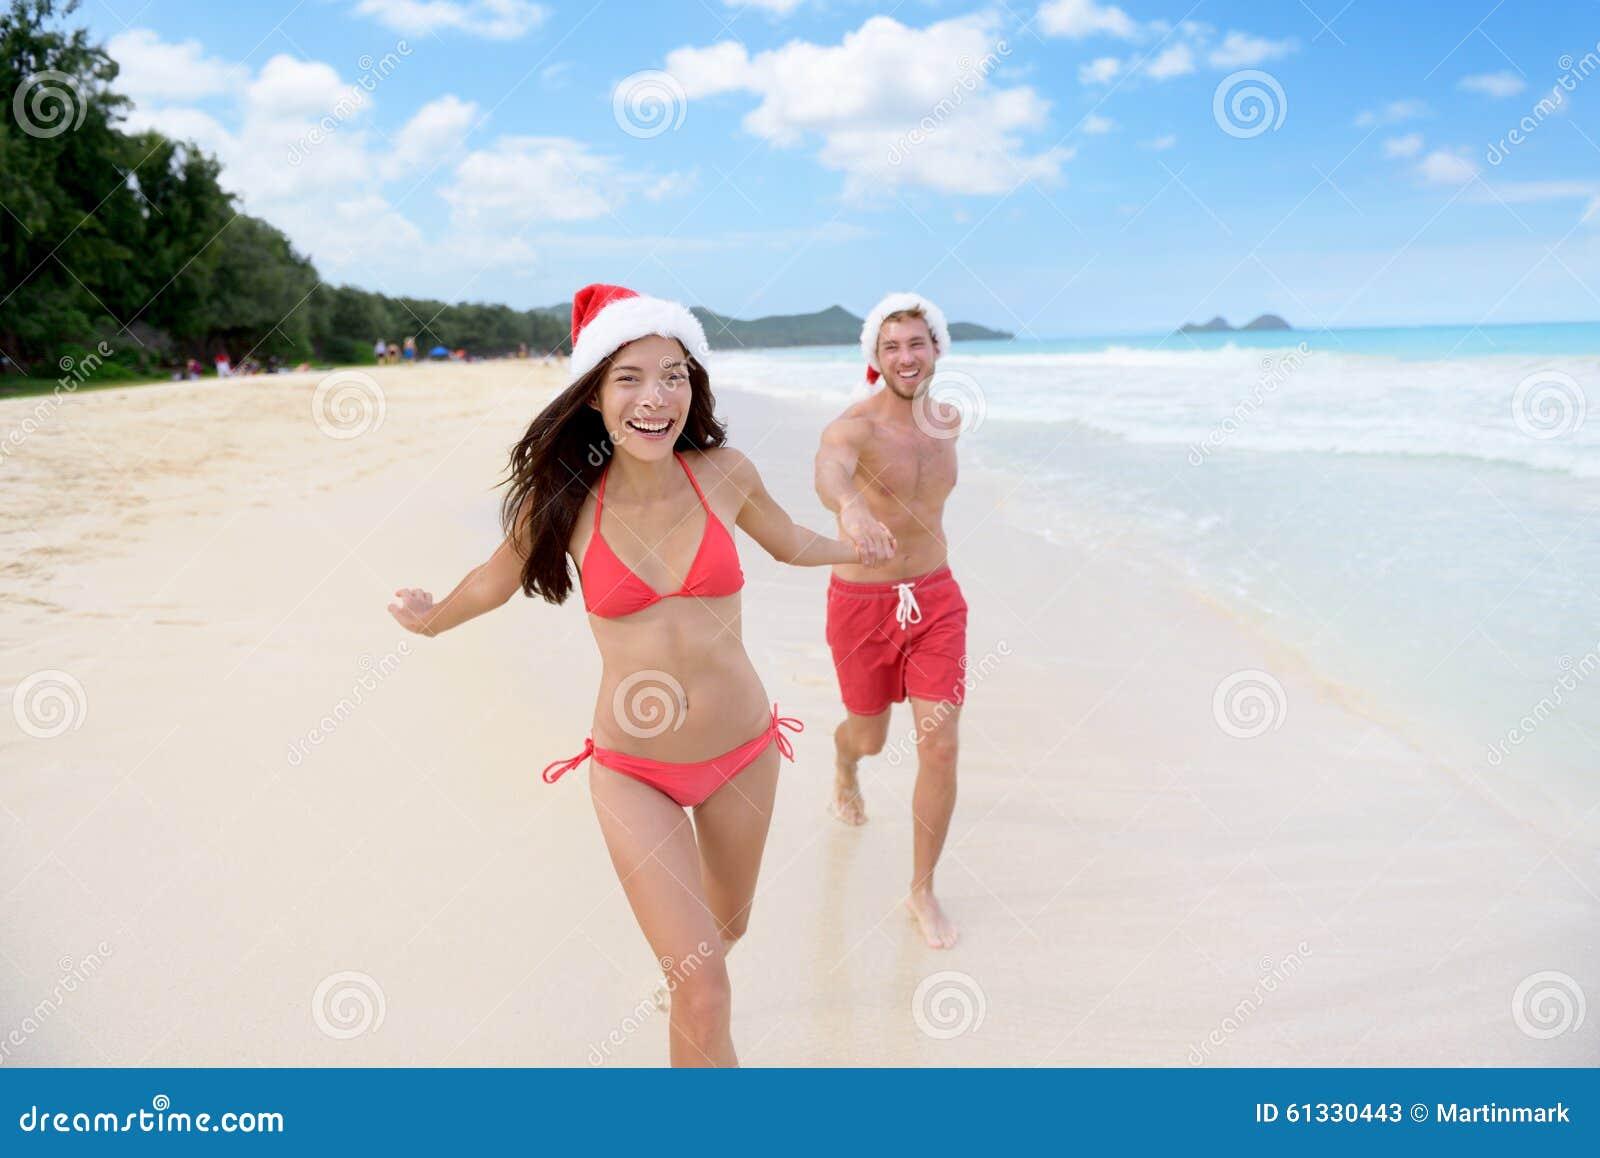 圣诞节夫妇愉快放松在海滩旅行